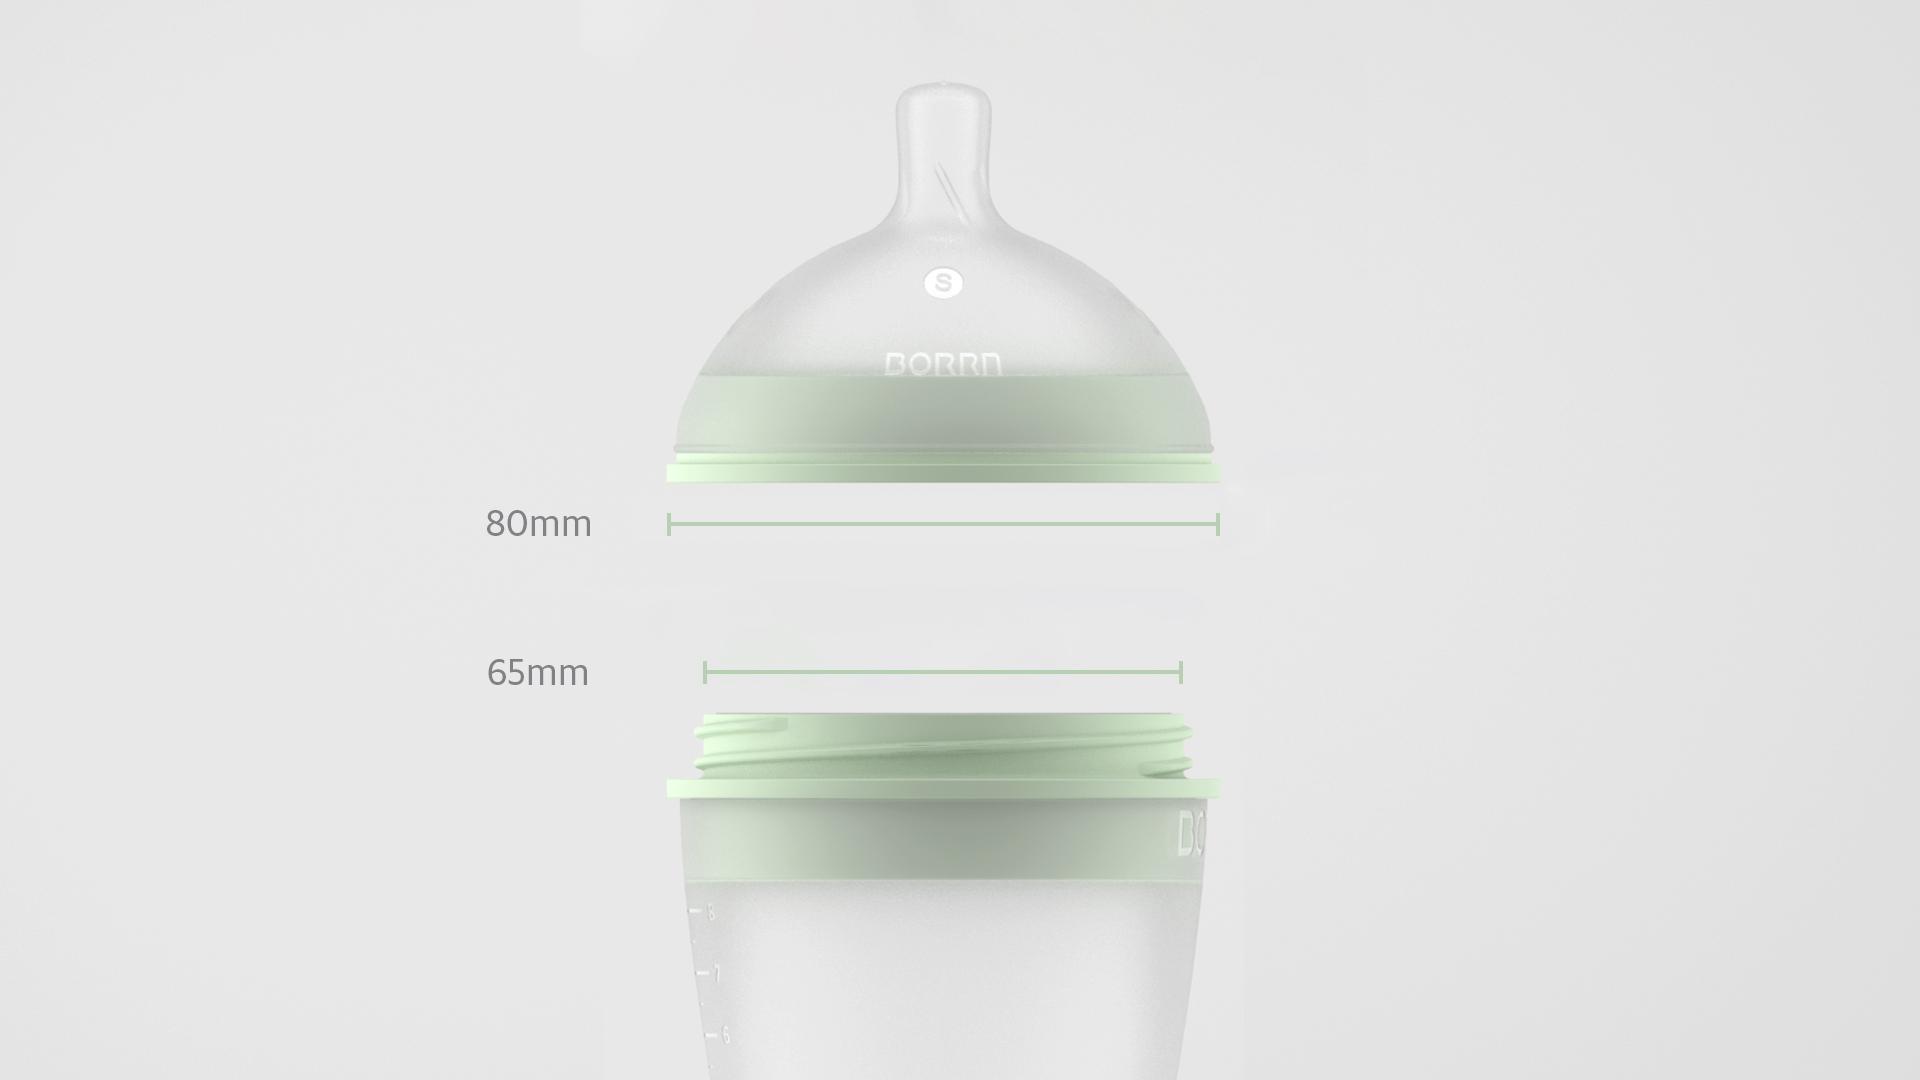 BORRN Silicone Feeding Bottle